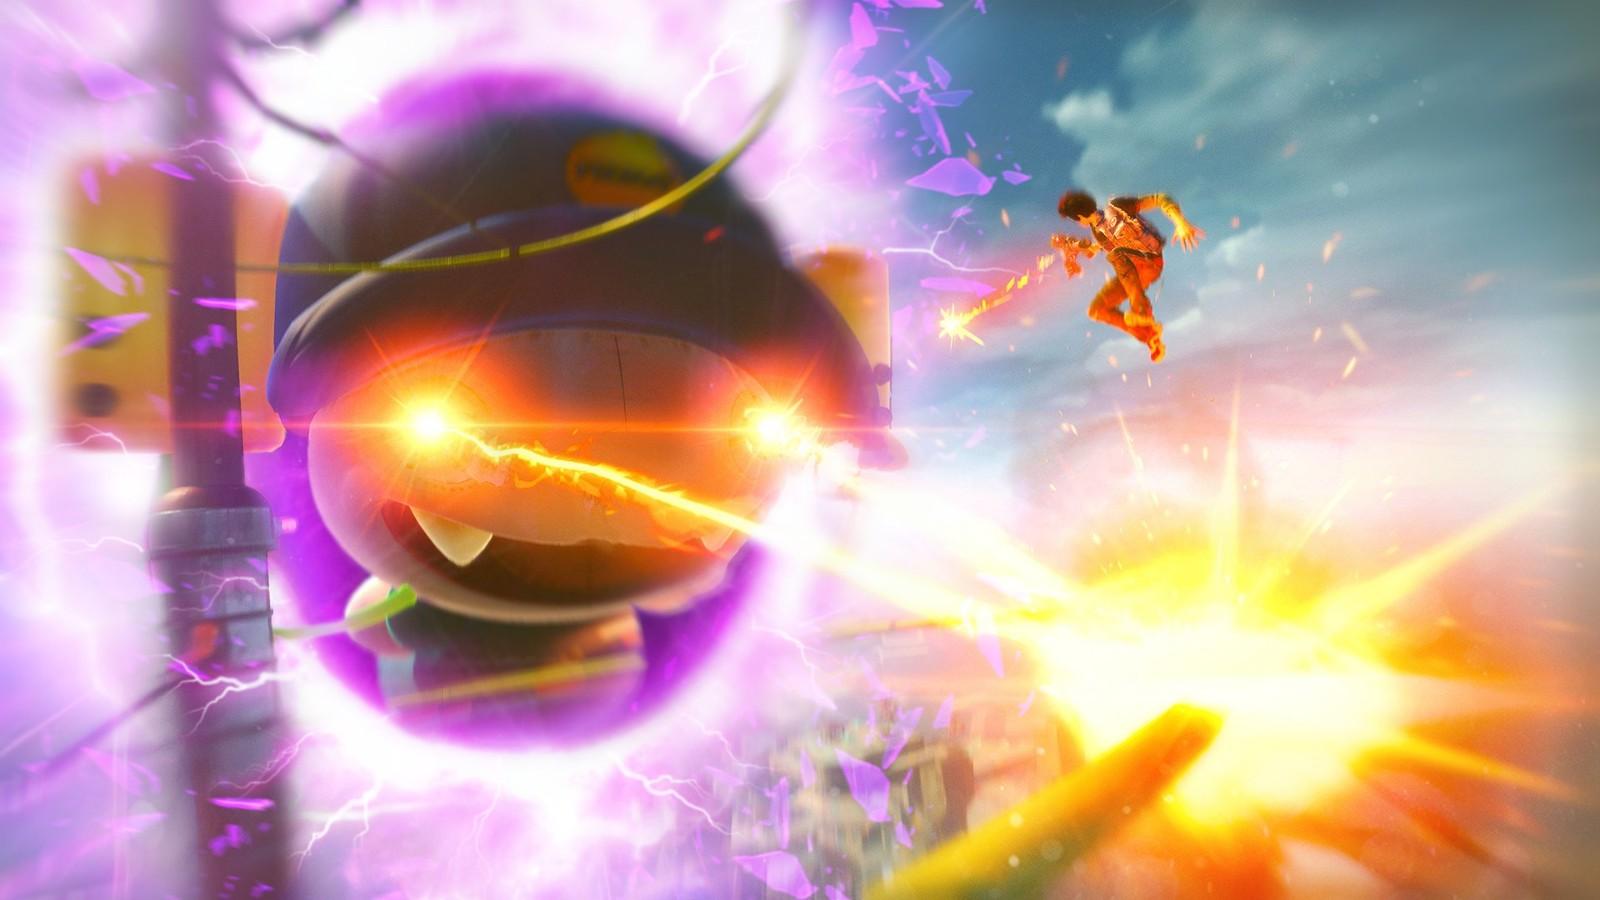 瑞奇与叮当宣传图疑似暗示《日落过载》将登陆PS5